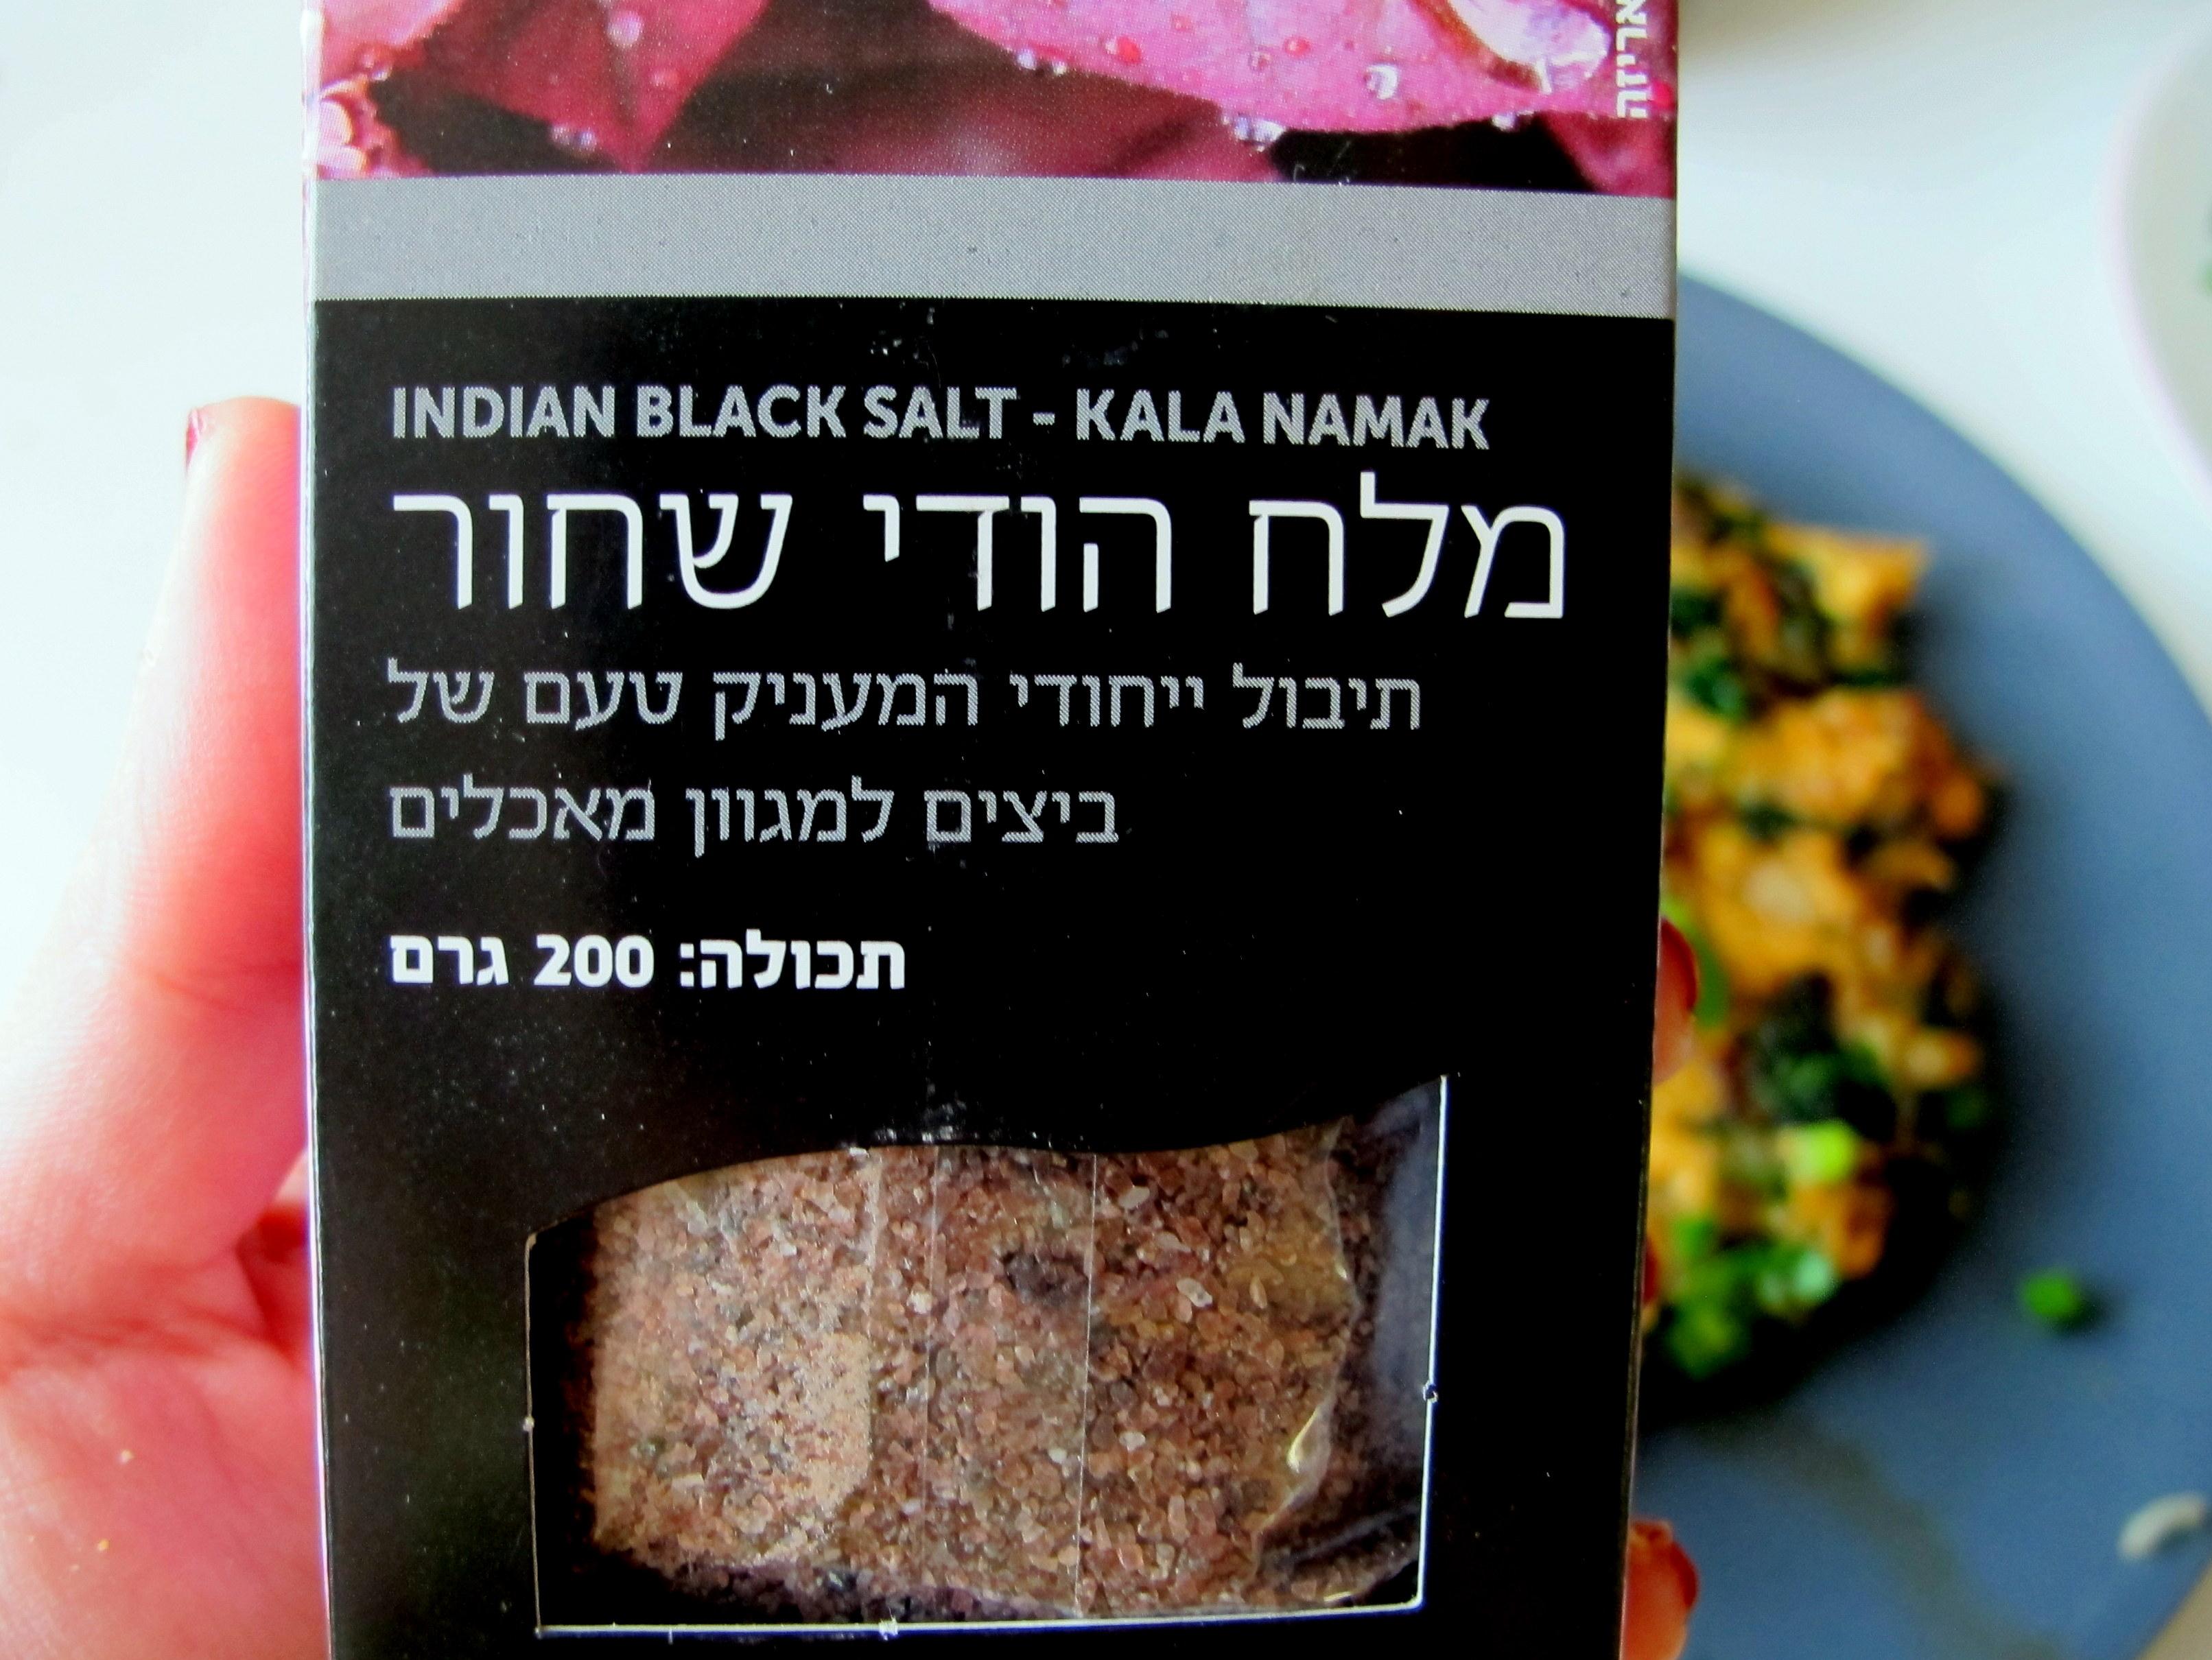 מלח הודי שחור, קאלה נאמק